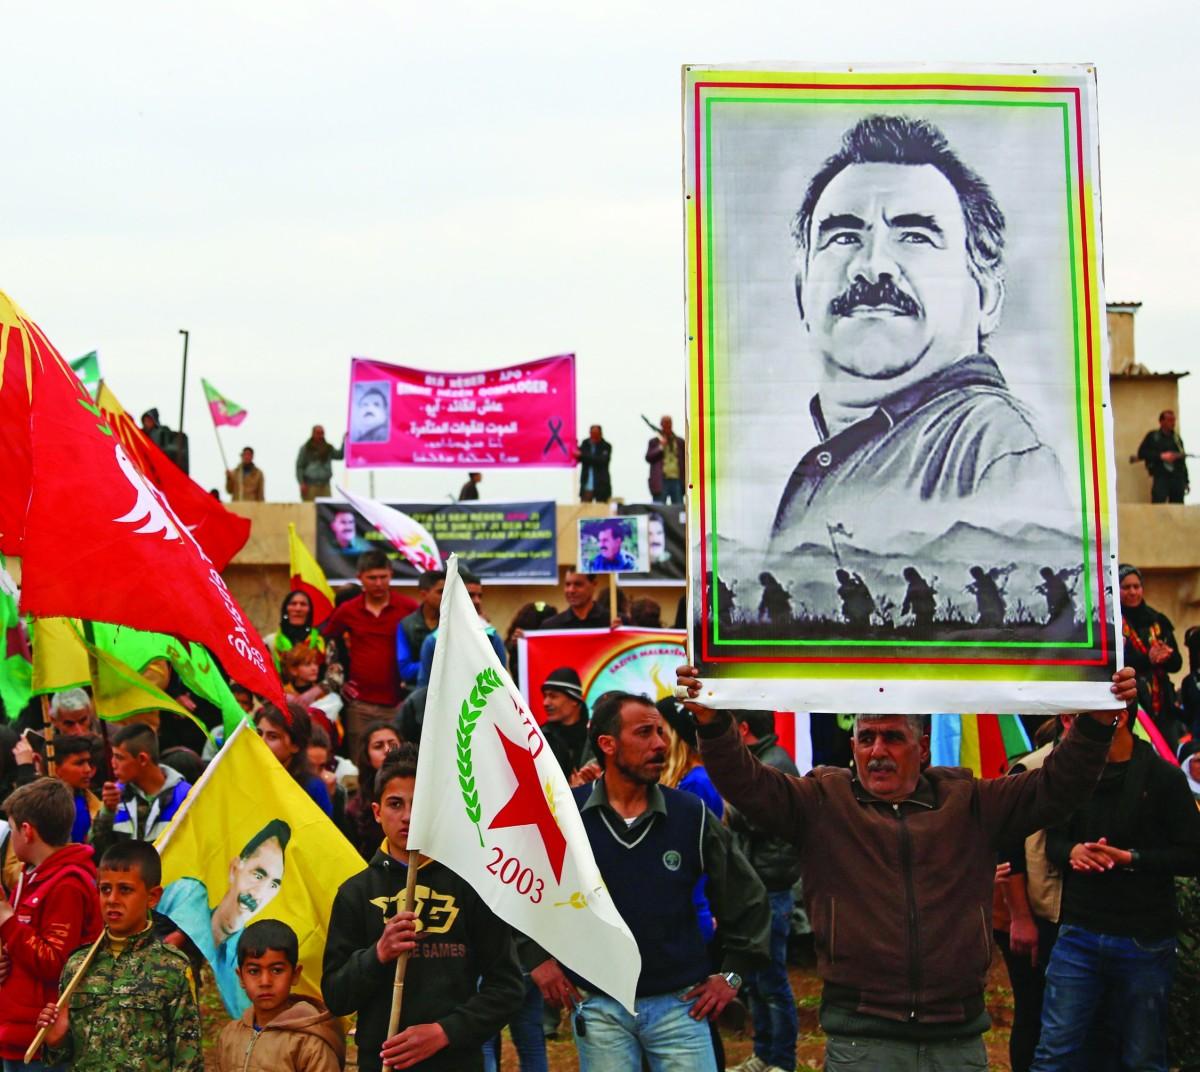 Η Τουρκία και το κουρδικό: Από την εκεχειρία στον ολοκληρωτικό πόλεμο